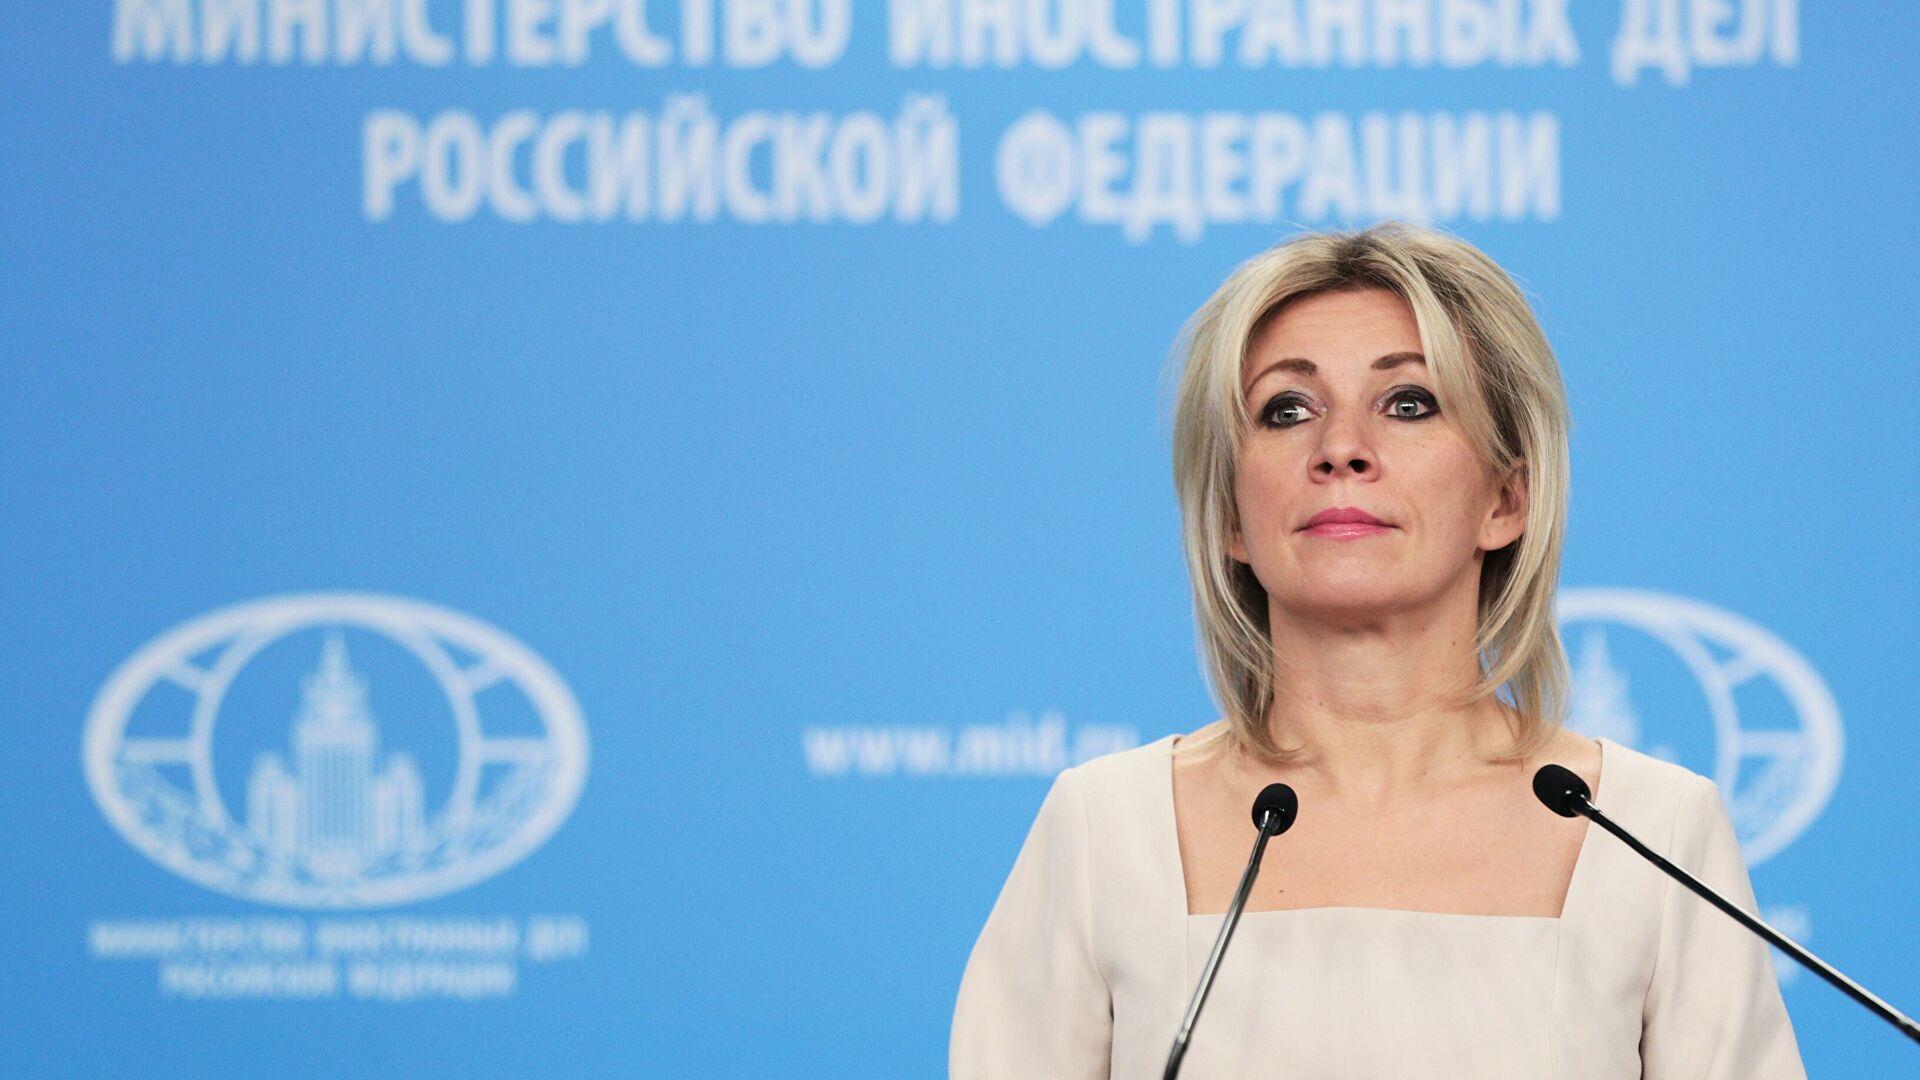 Захарова: Очигледна демонстрација неспремности британских власти да одустану од курса конфронтација са Русијом